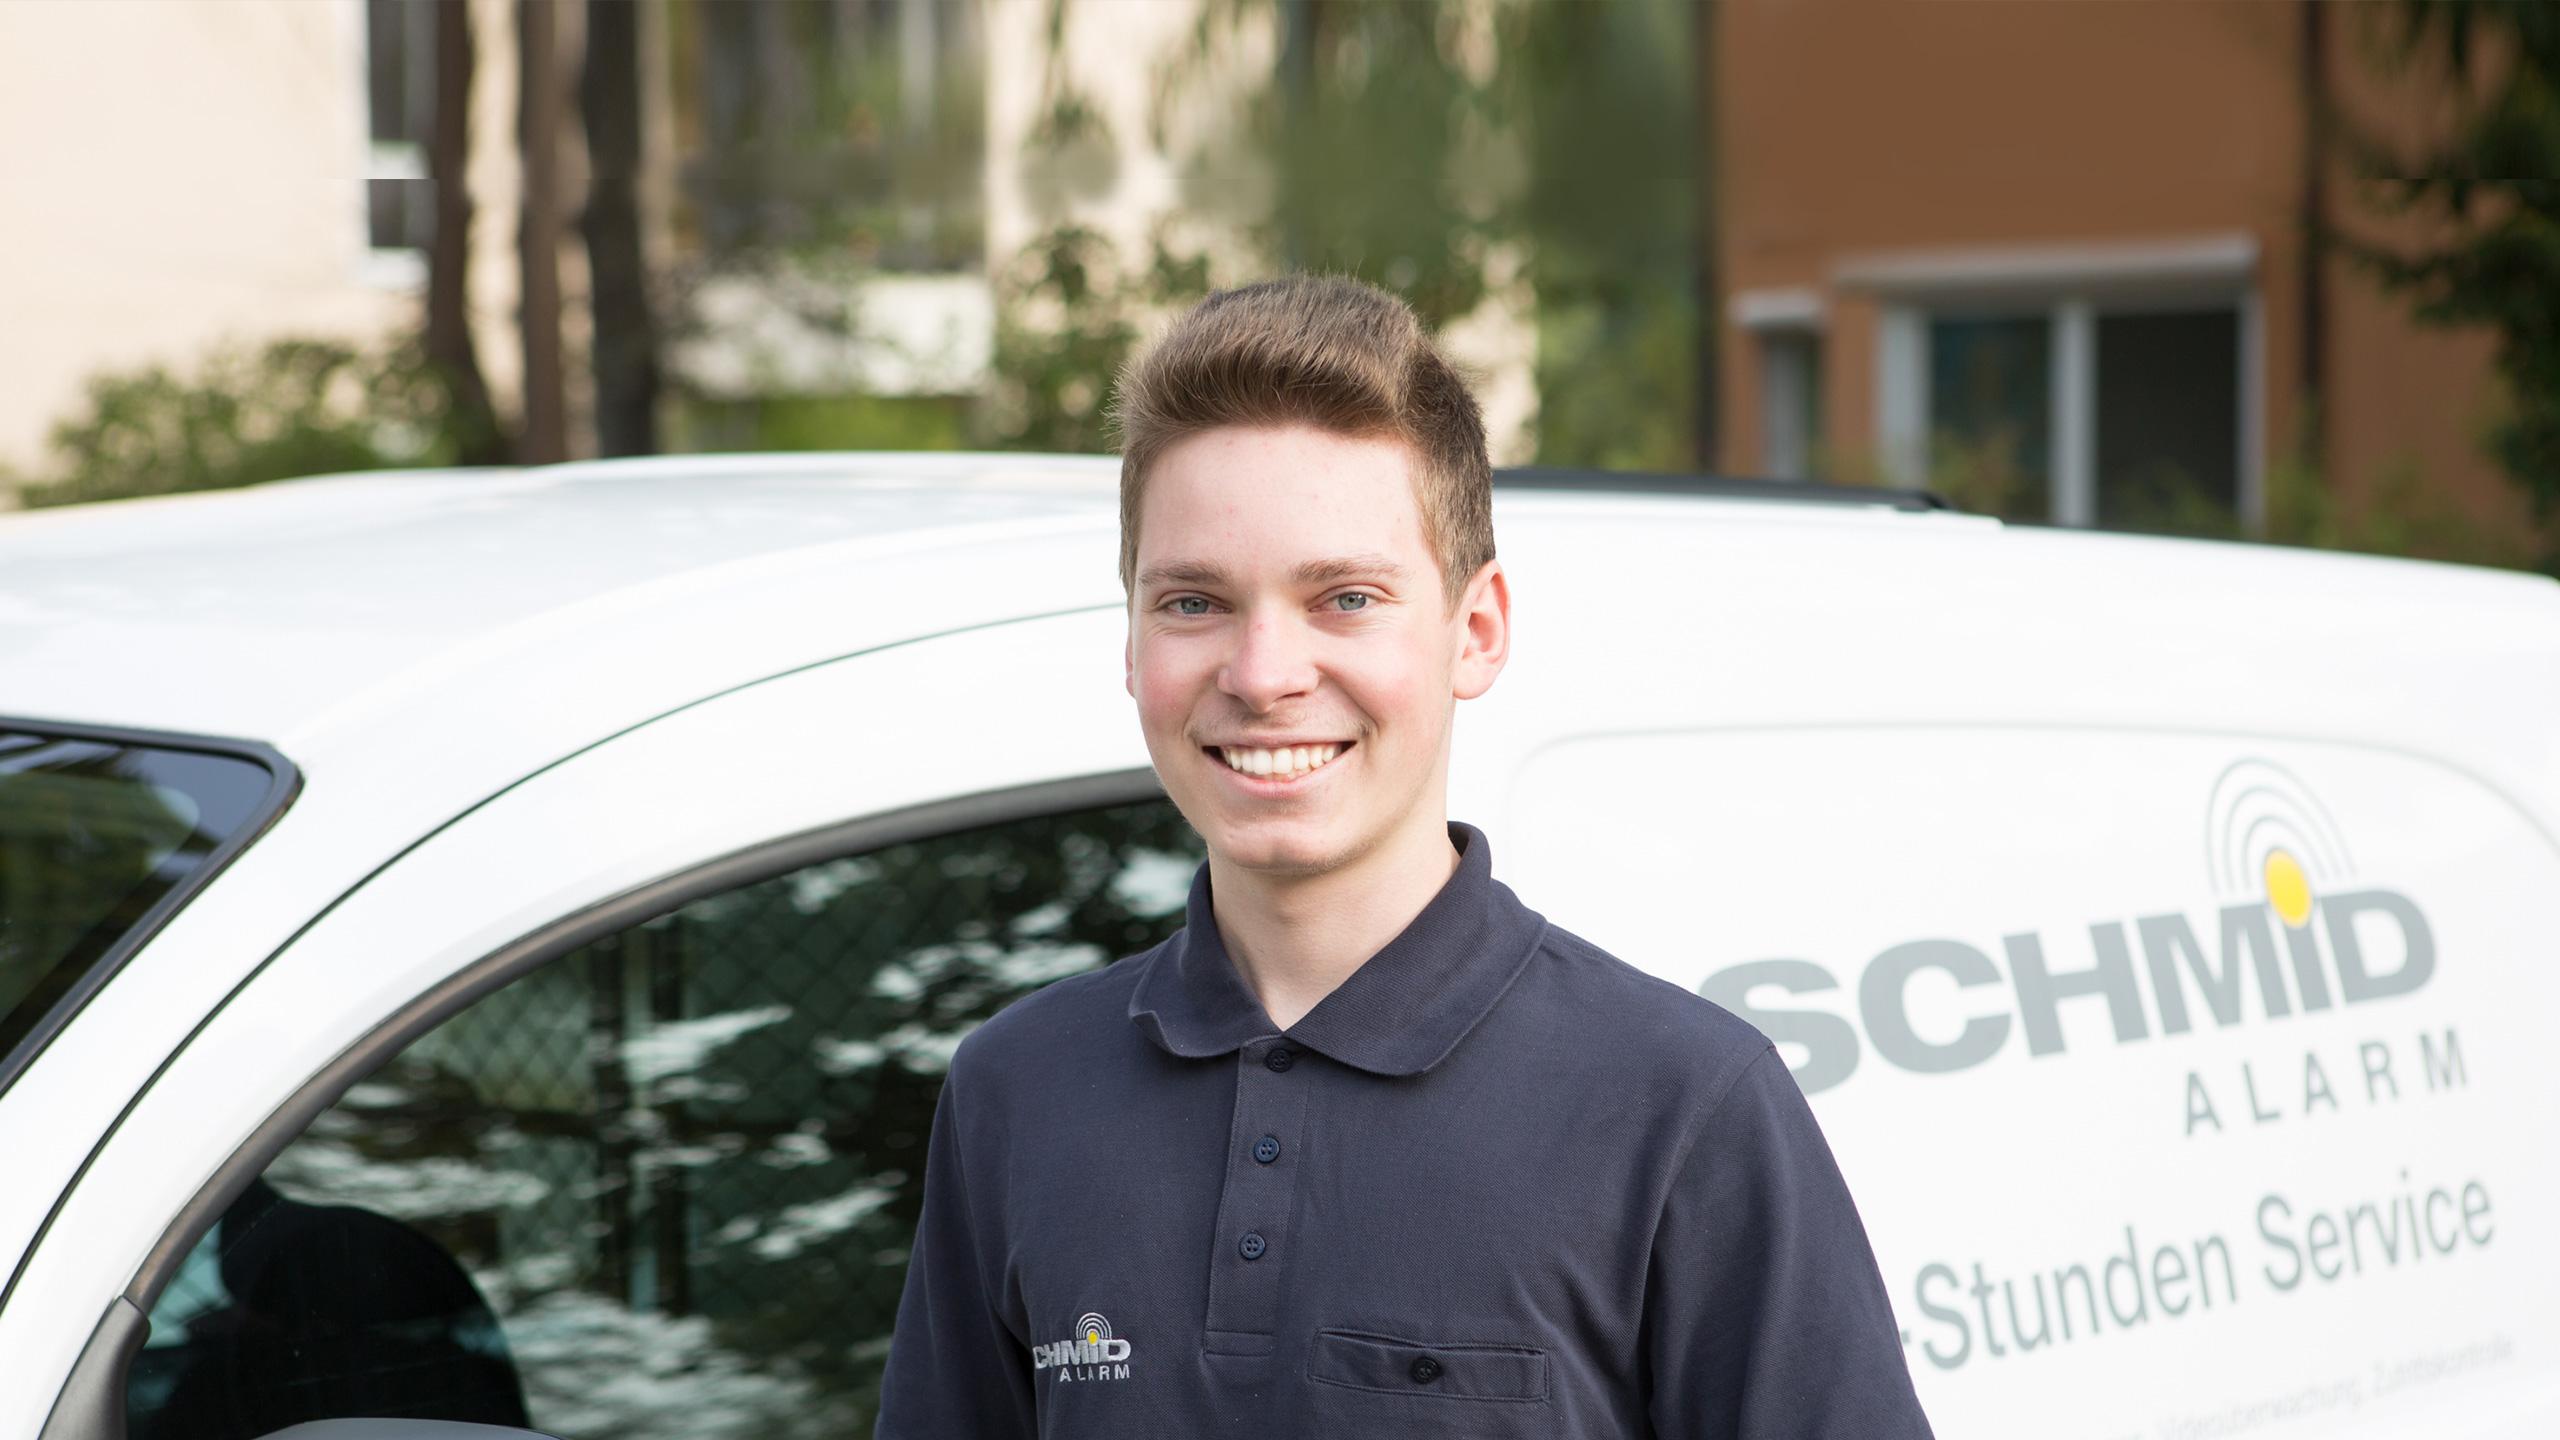 Kundendienst Schmid-Alarm für Geschäftskunden